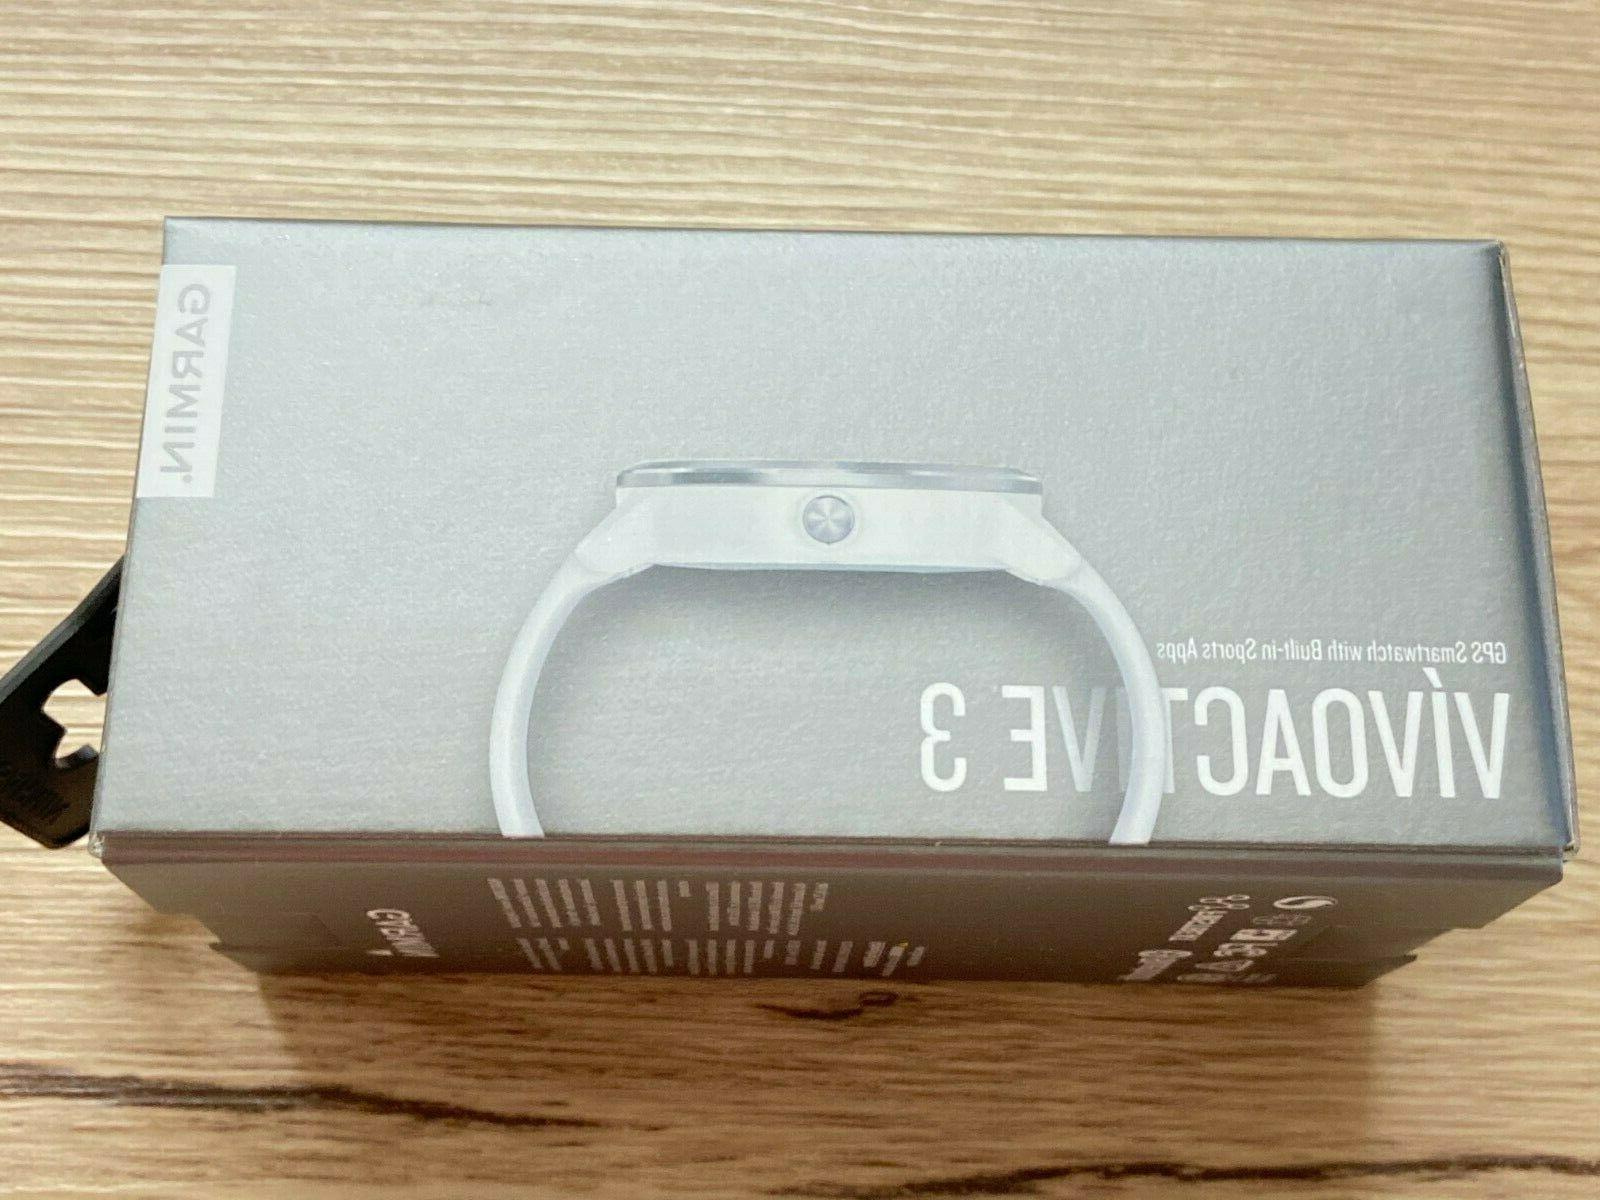 Garmin 3 GPS Watch Built-In Sport